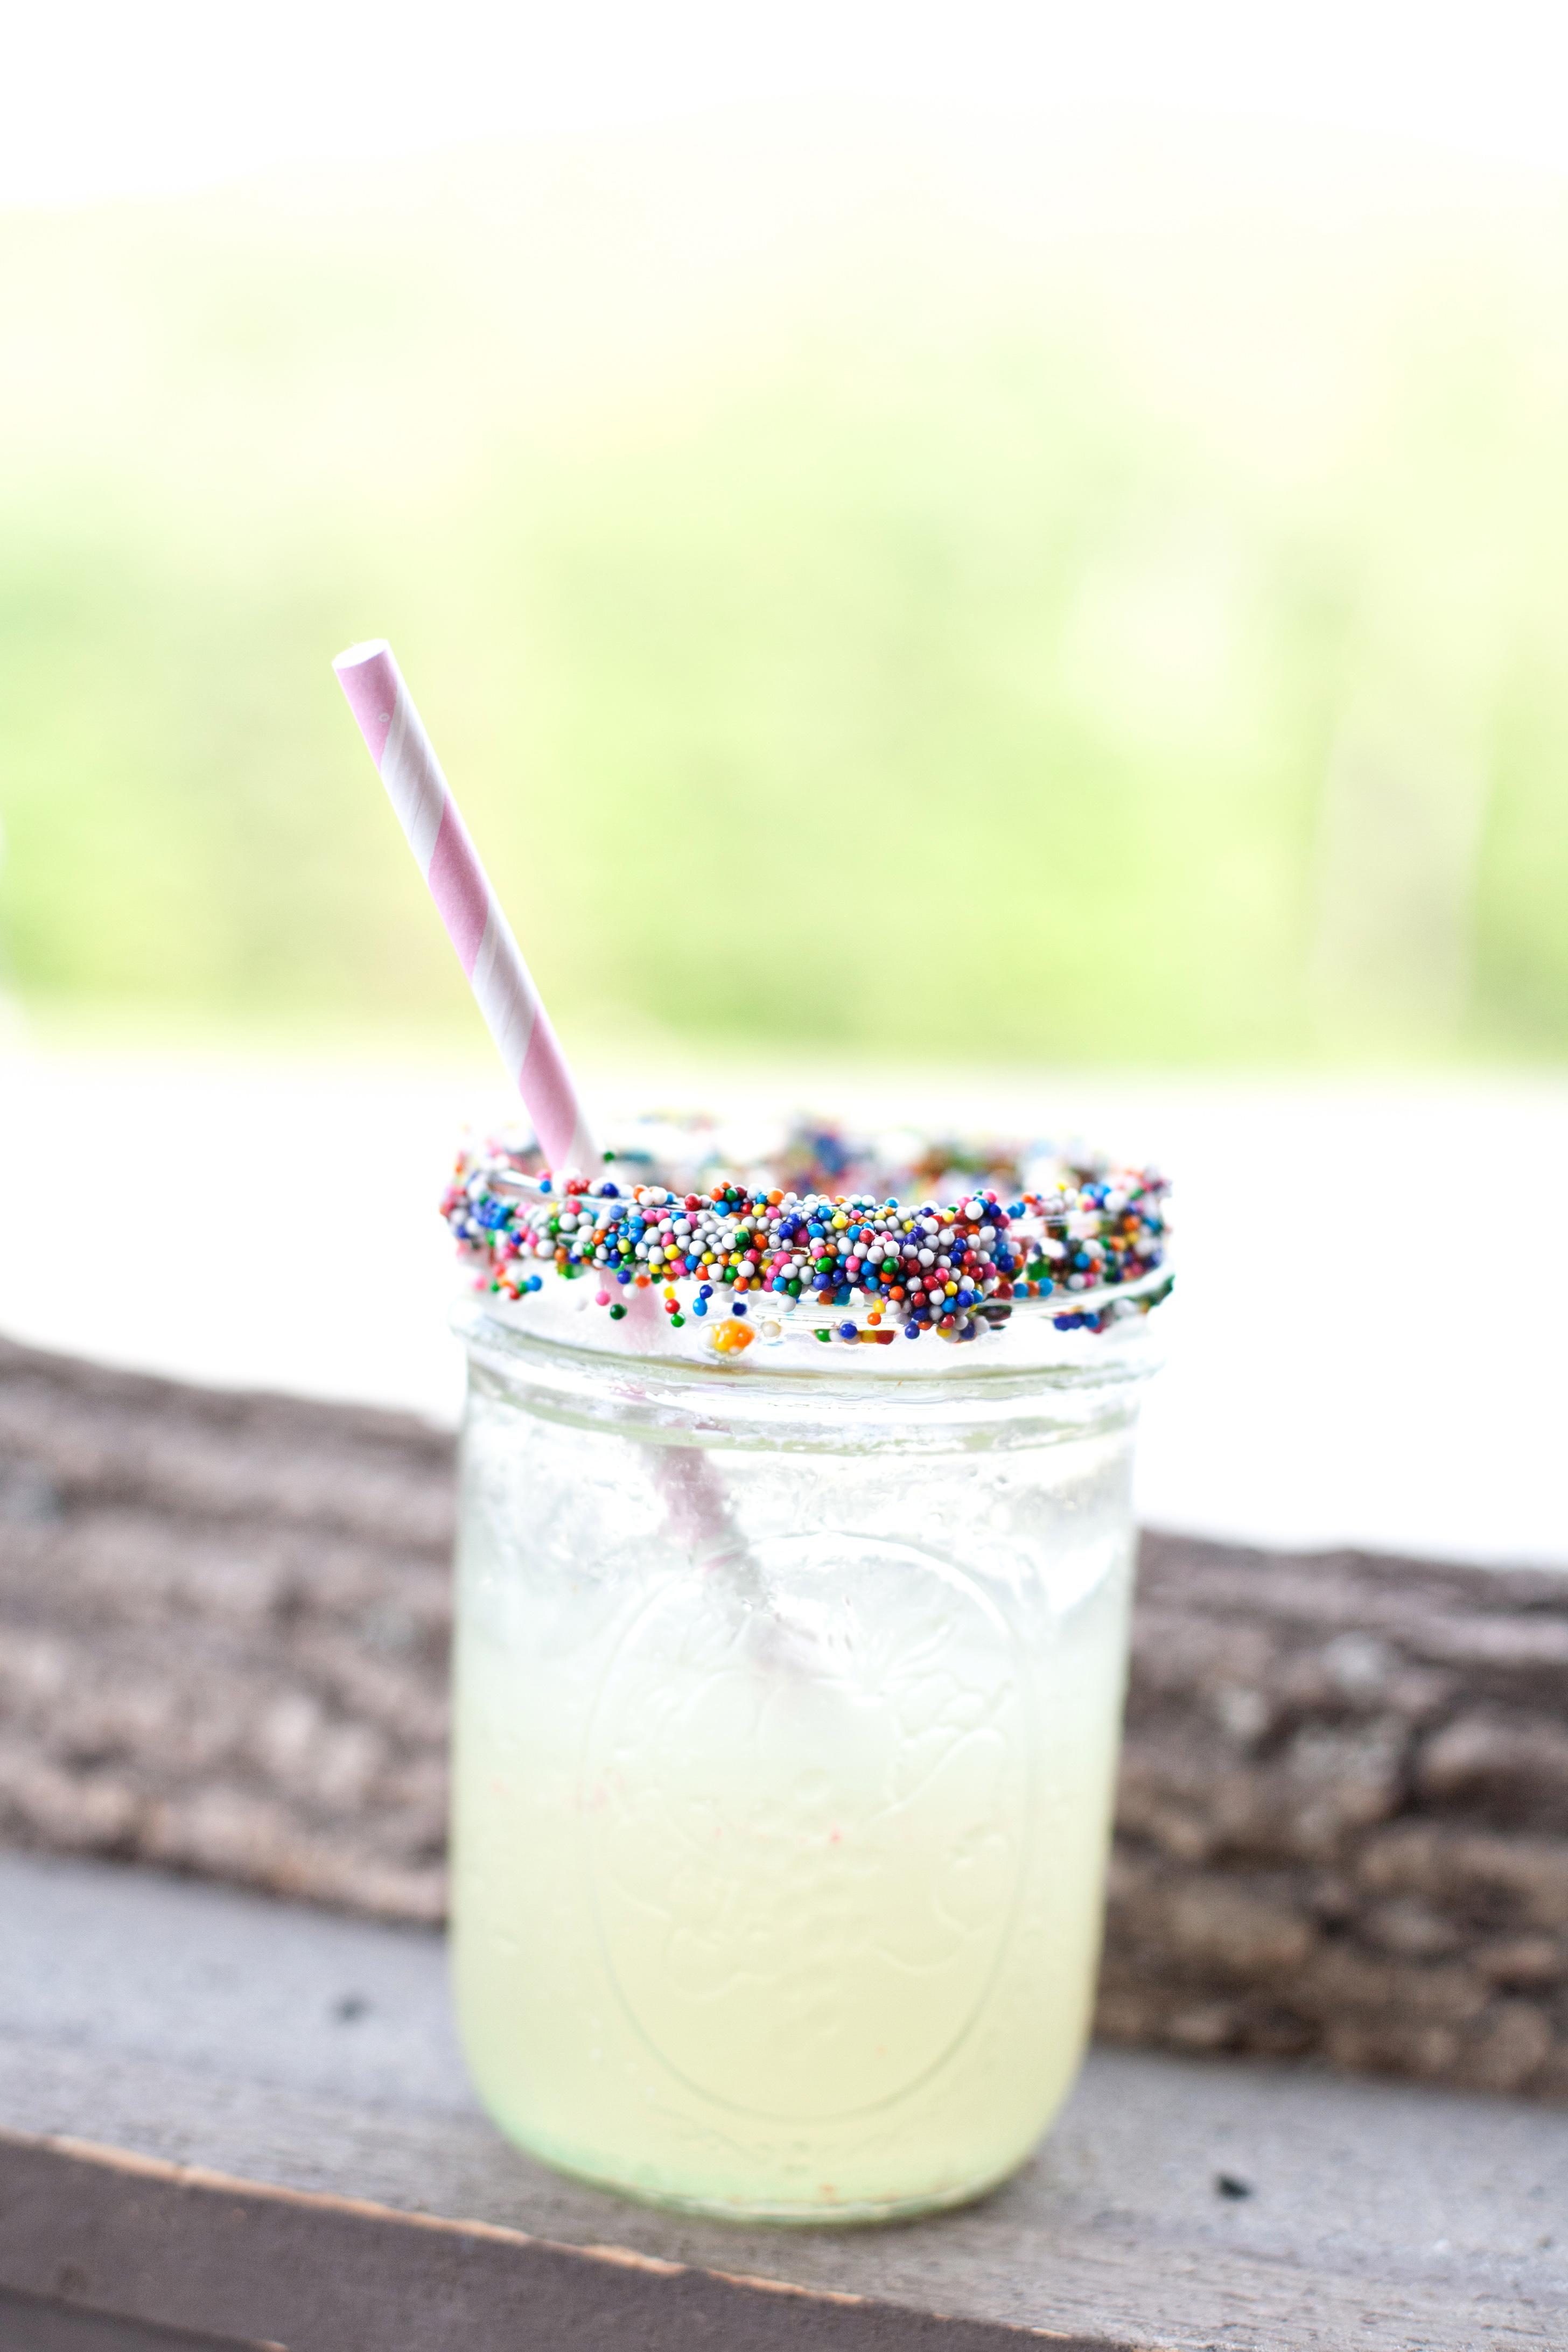 drink with sprinkles on rim